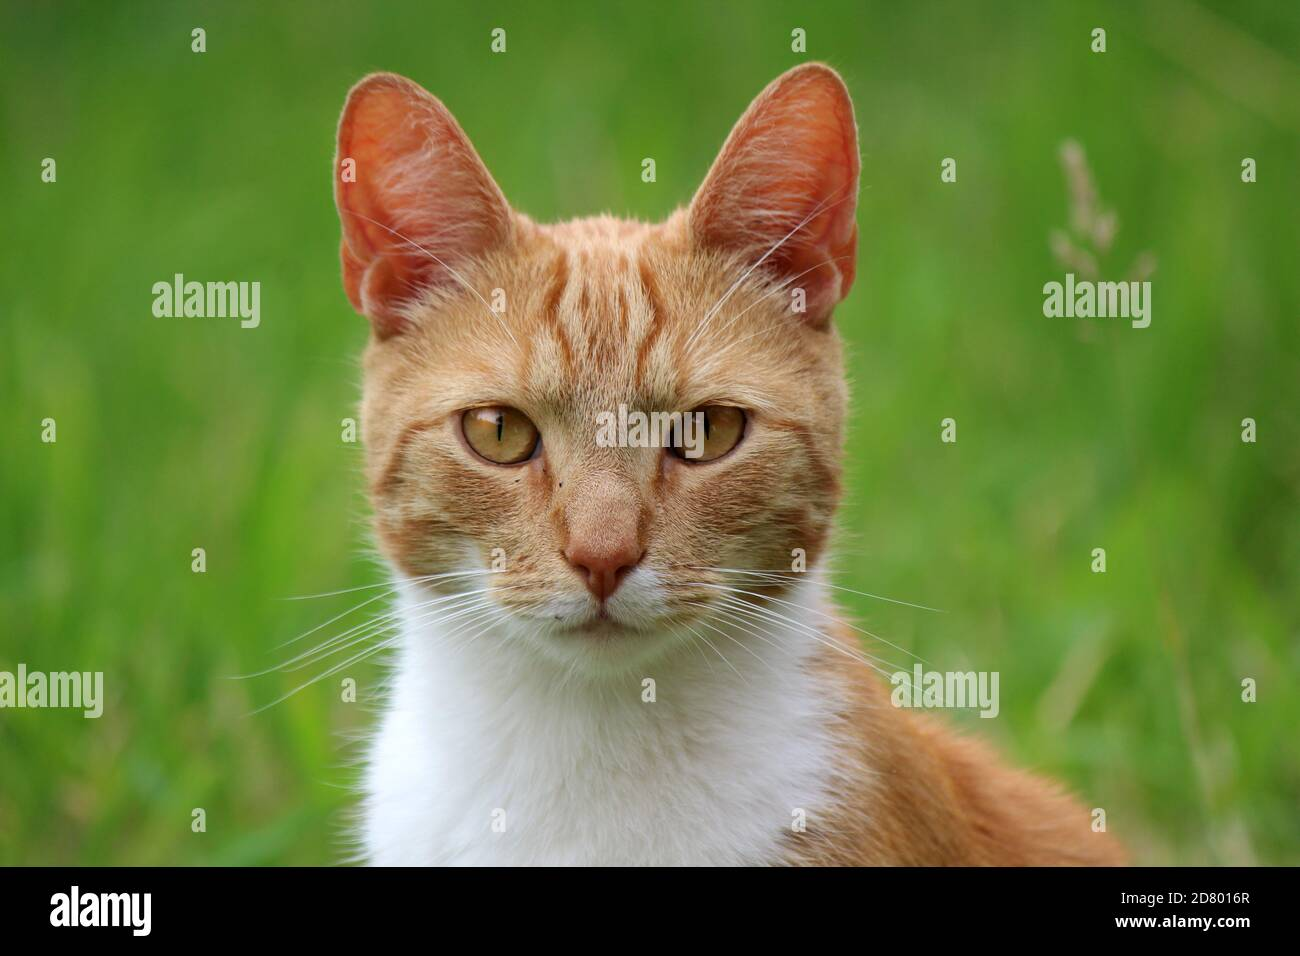 Retrato de lindo gato de jengibre. Fondo verde de hierba. Foto de verano al aire libre. Foto de stock